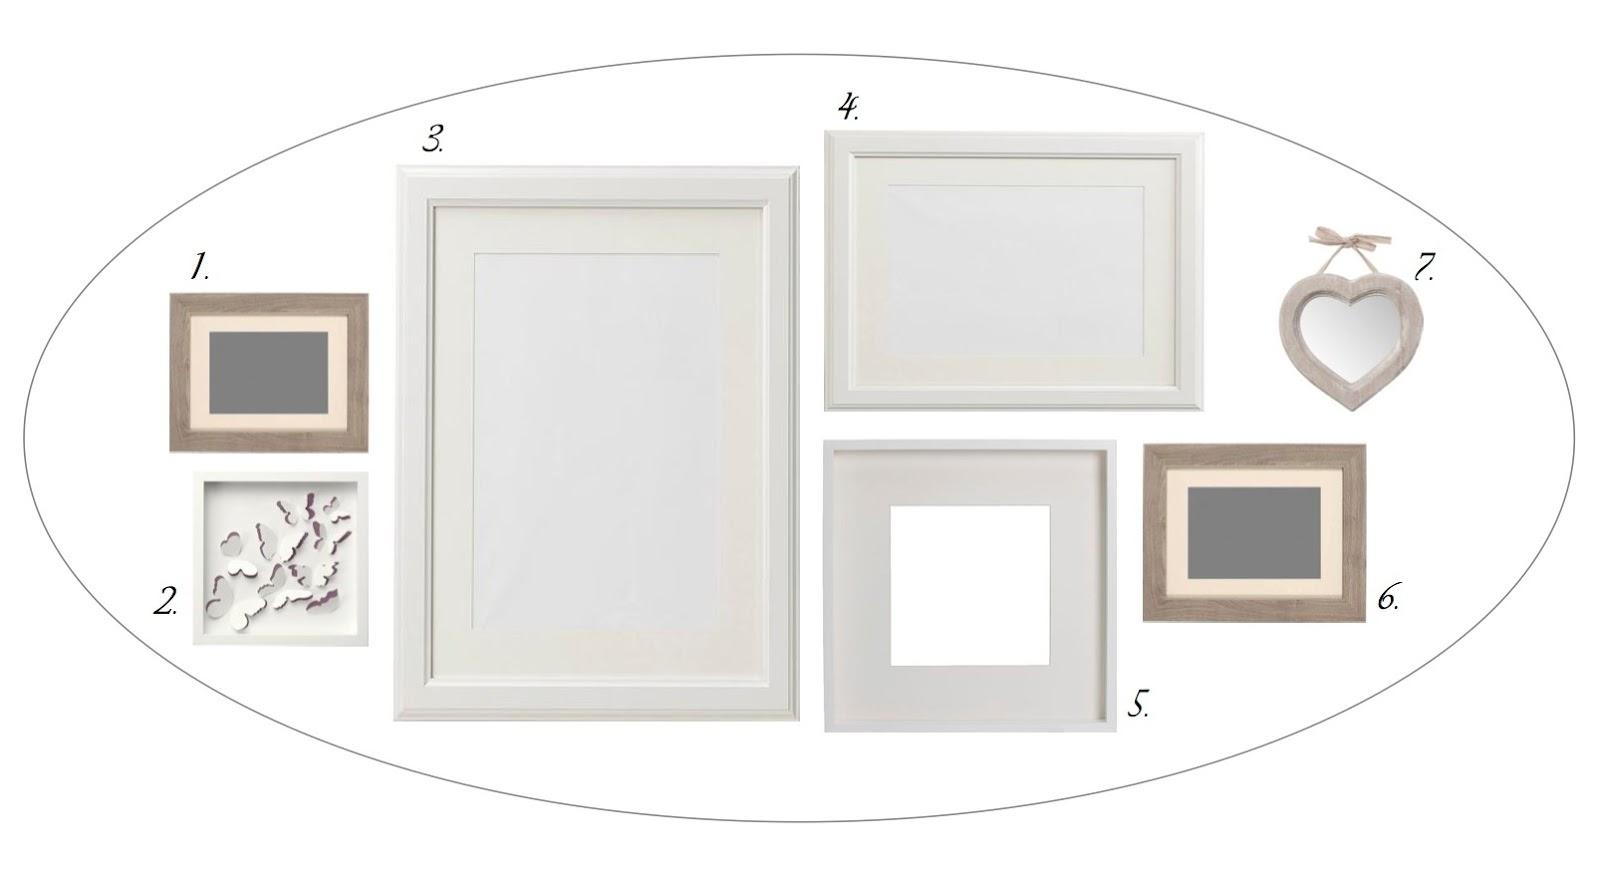 comment faire un p le m le photo sur ordinateur vh86 jornalagora. Black Bedroom Furniture Sets. Home Design Ideas